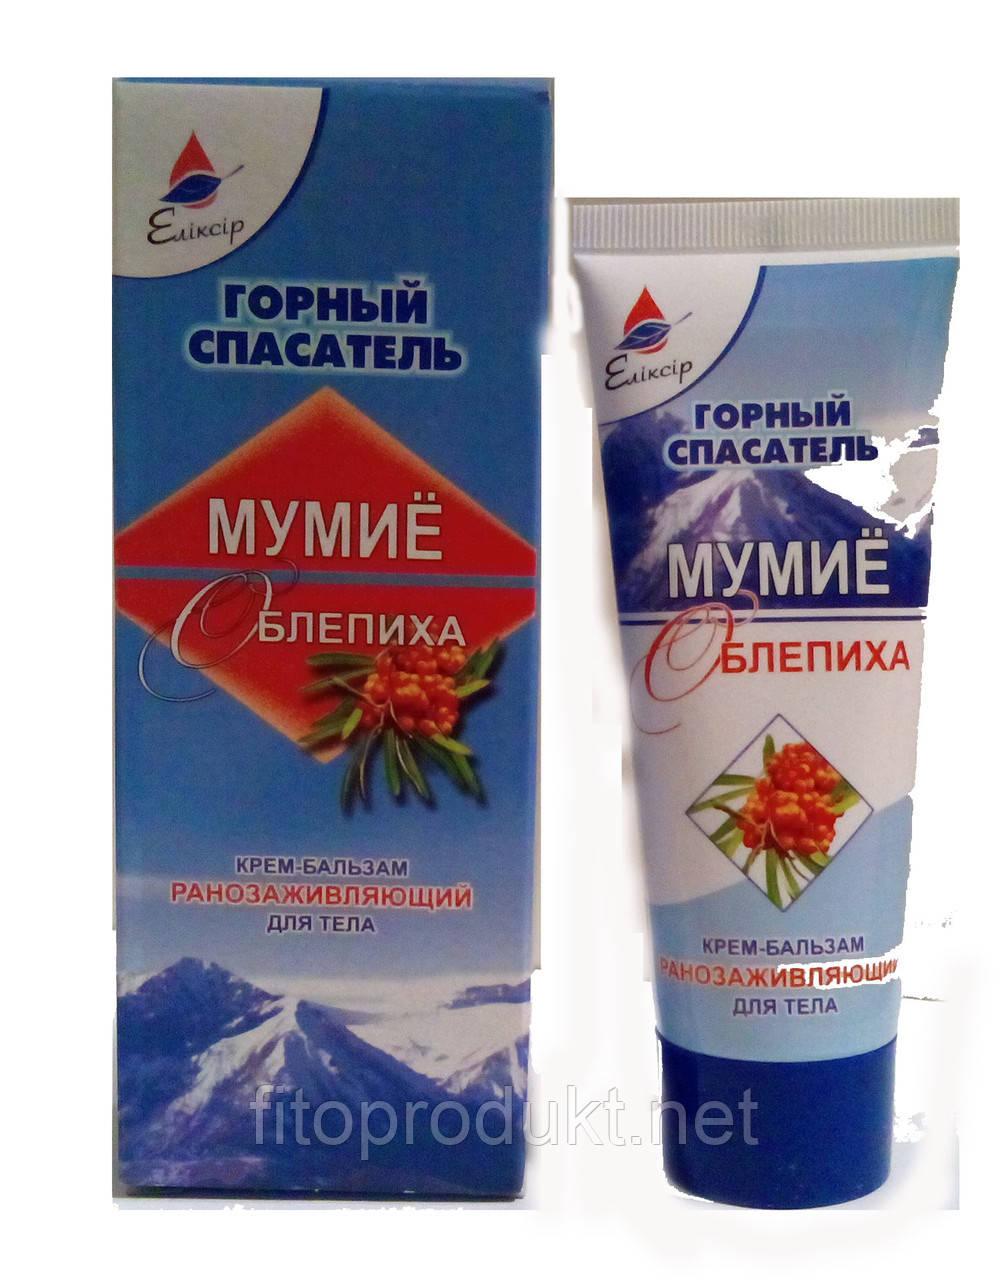 Крем-бальзам Мумие Облепиха снимает воспаление кожи Еликсир